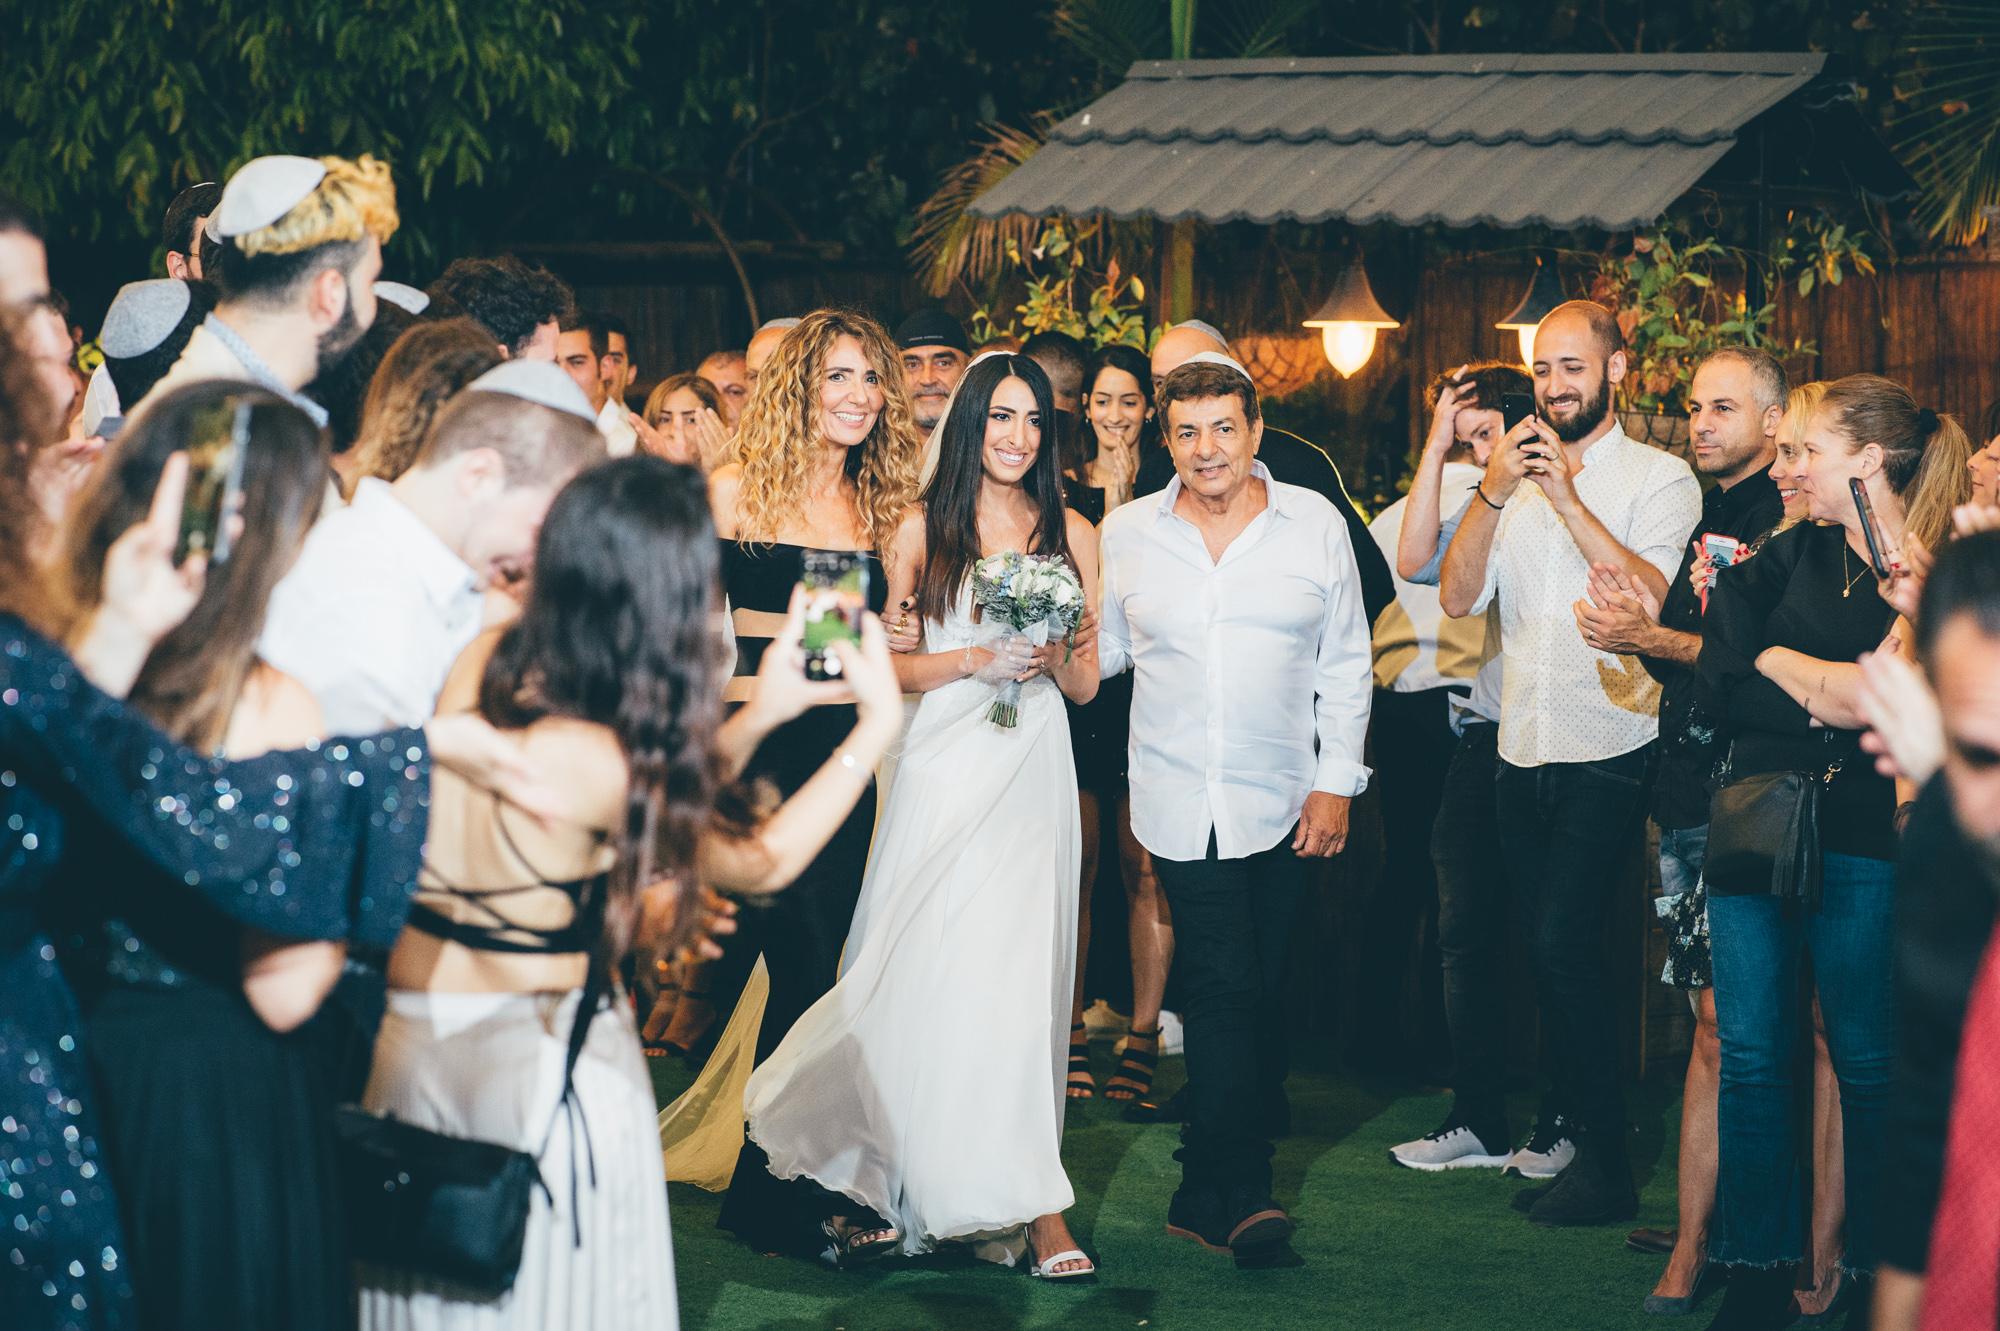 Wedding photos by - Asaf Kliger-73.jpg